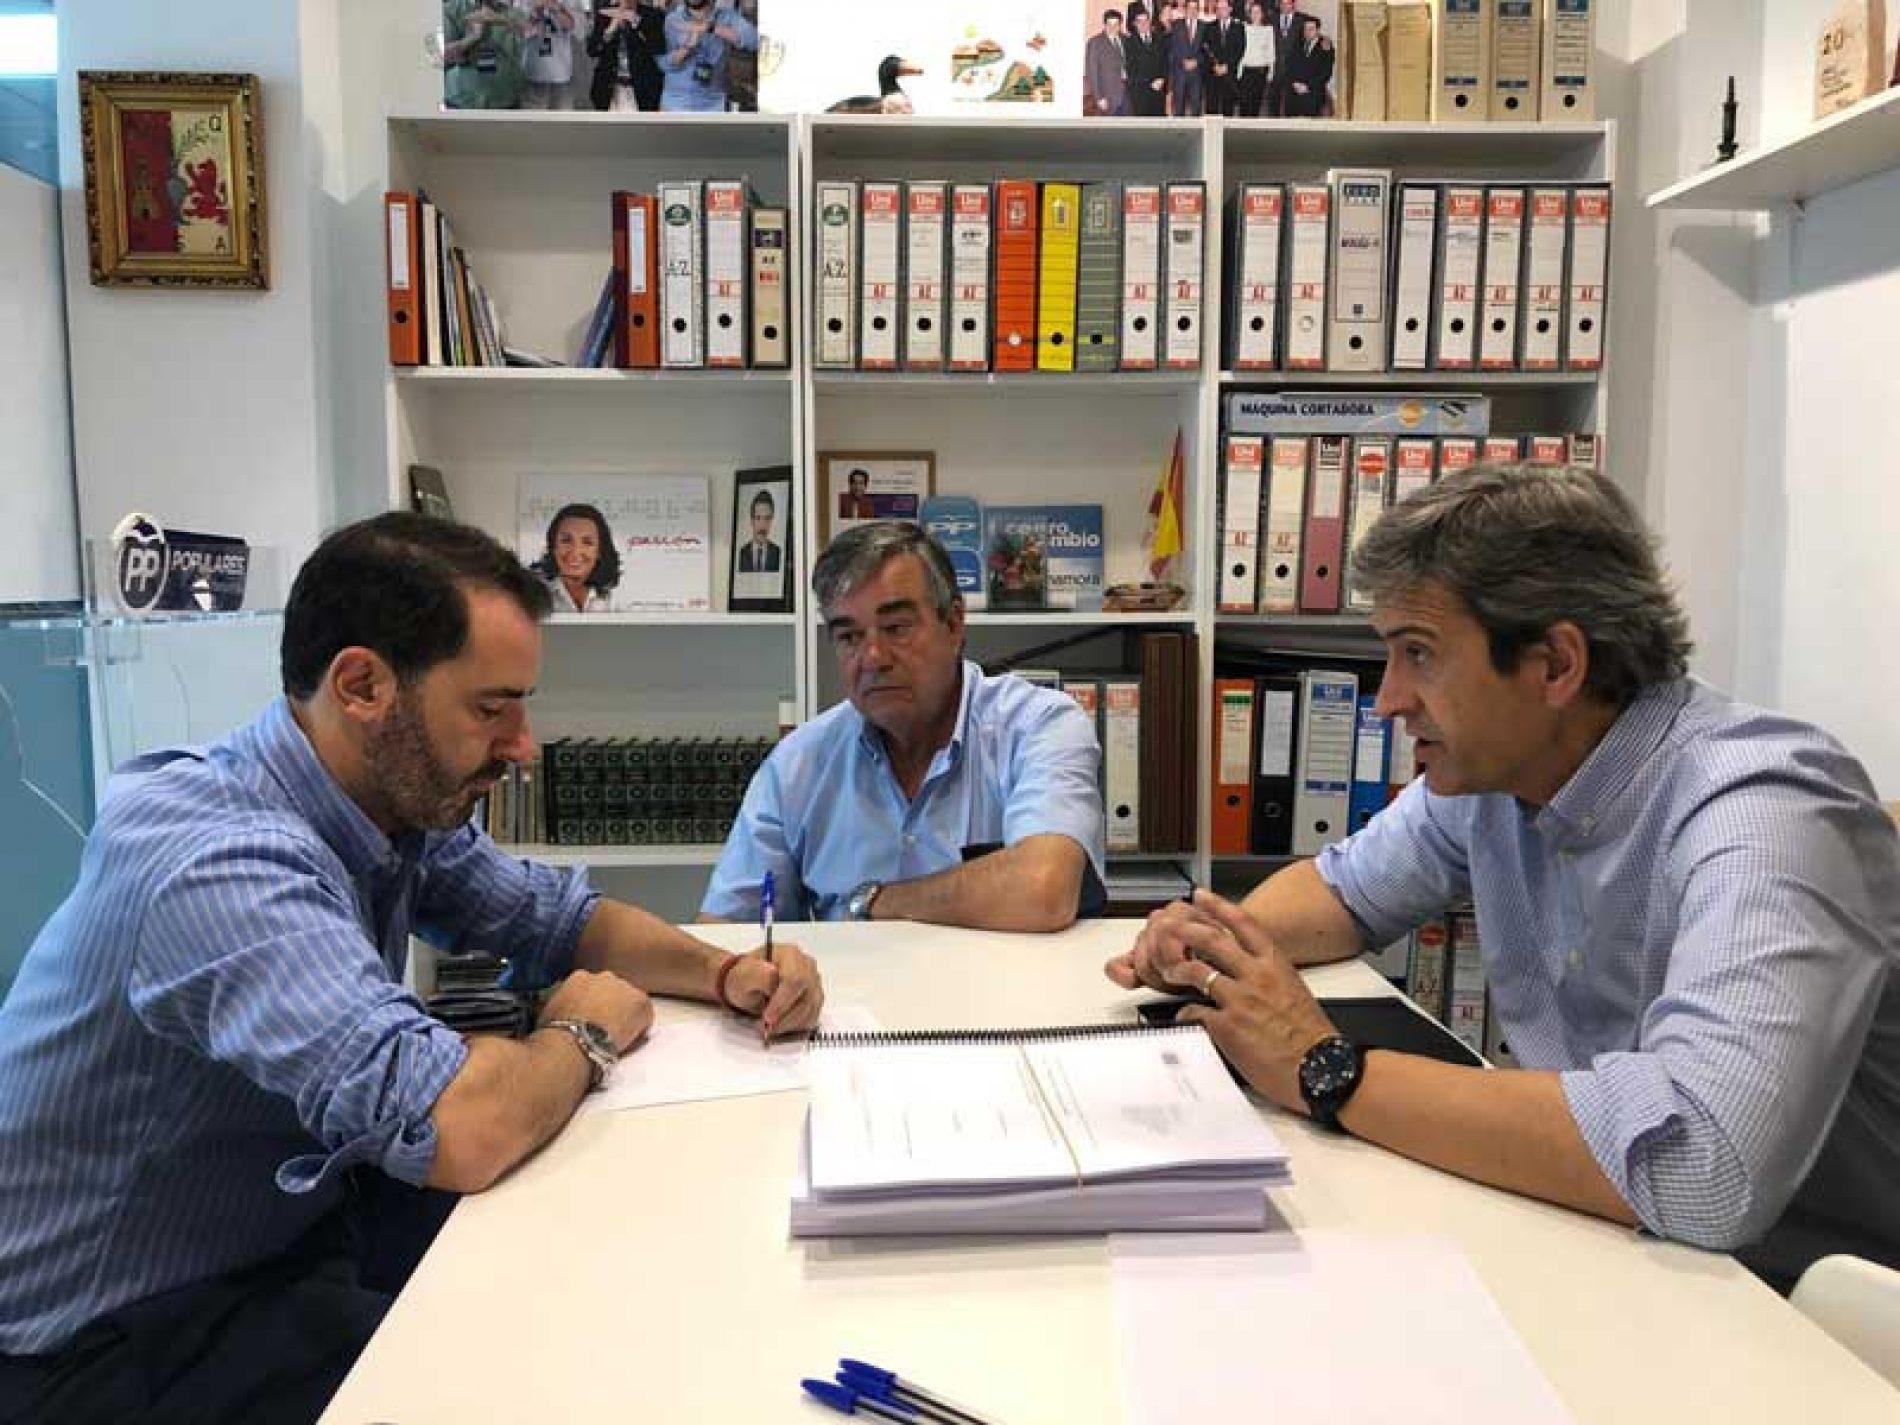 El PP-A presentará una Proposición no de Ley para exigir al Gobierno Central la defensa del Silvestrismo